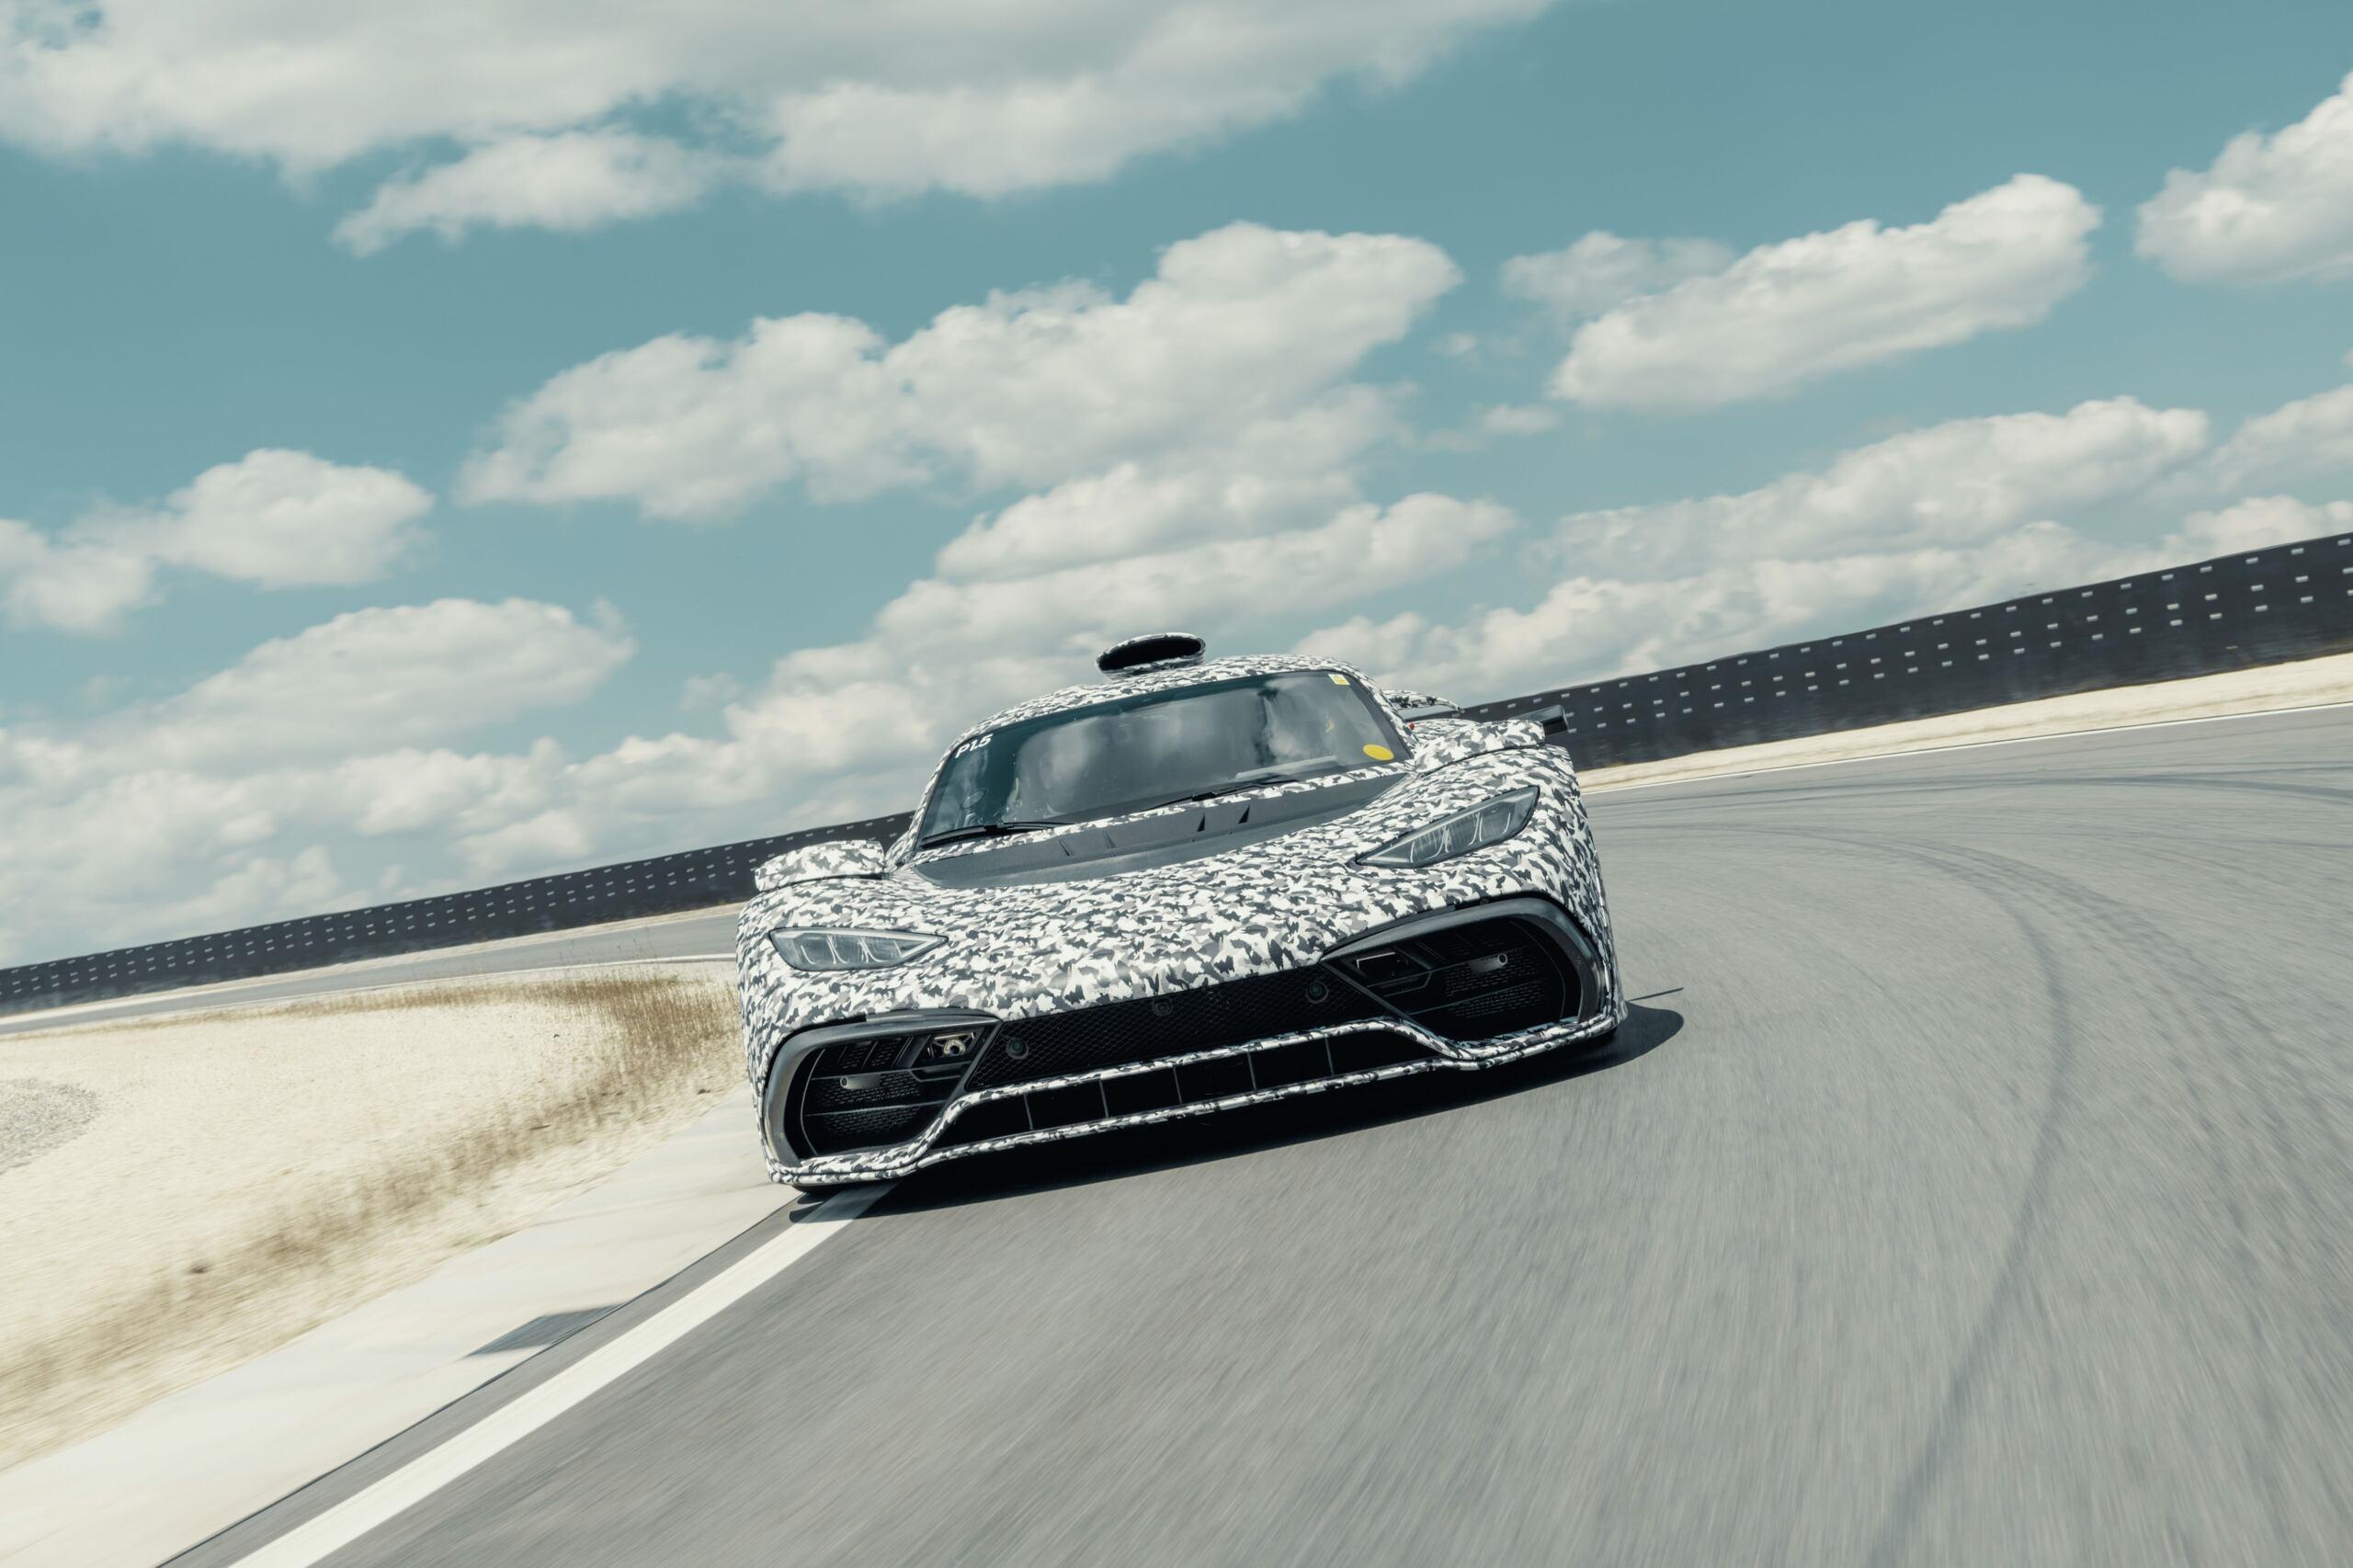 Mercedes-AMG One potrebbe erogare alla fine 1200 CV - MBenz.it